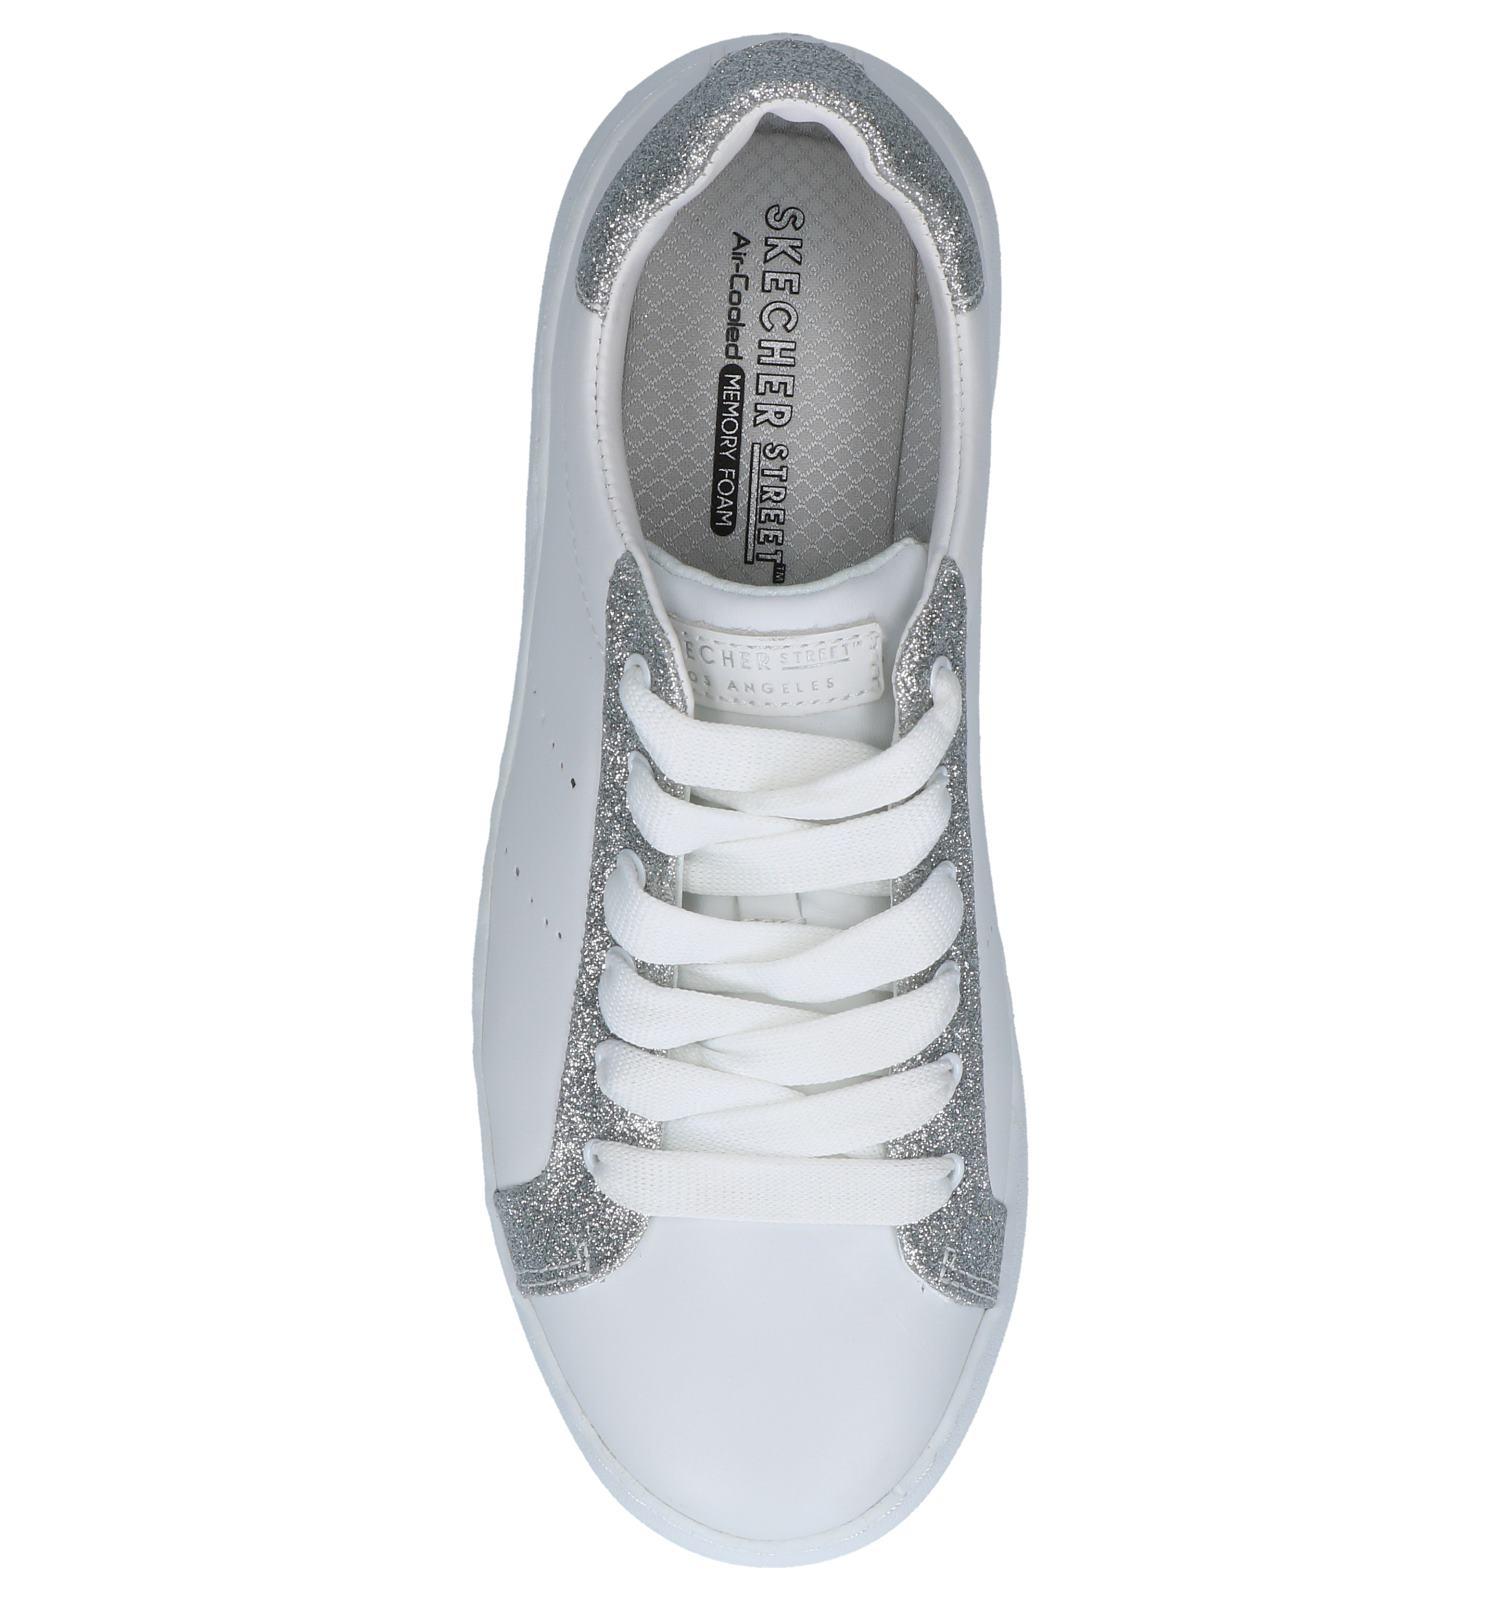 Witte Sneakers Skechers High Street Glitter | SCHOENENTORFS